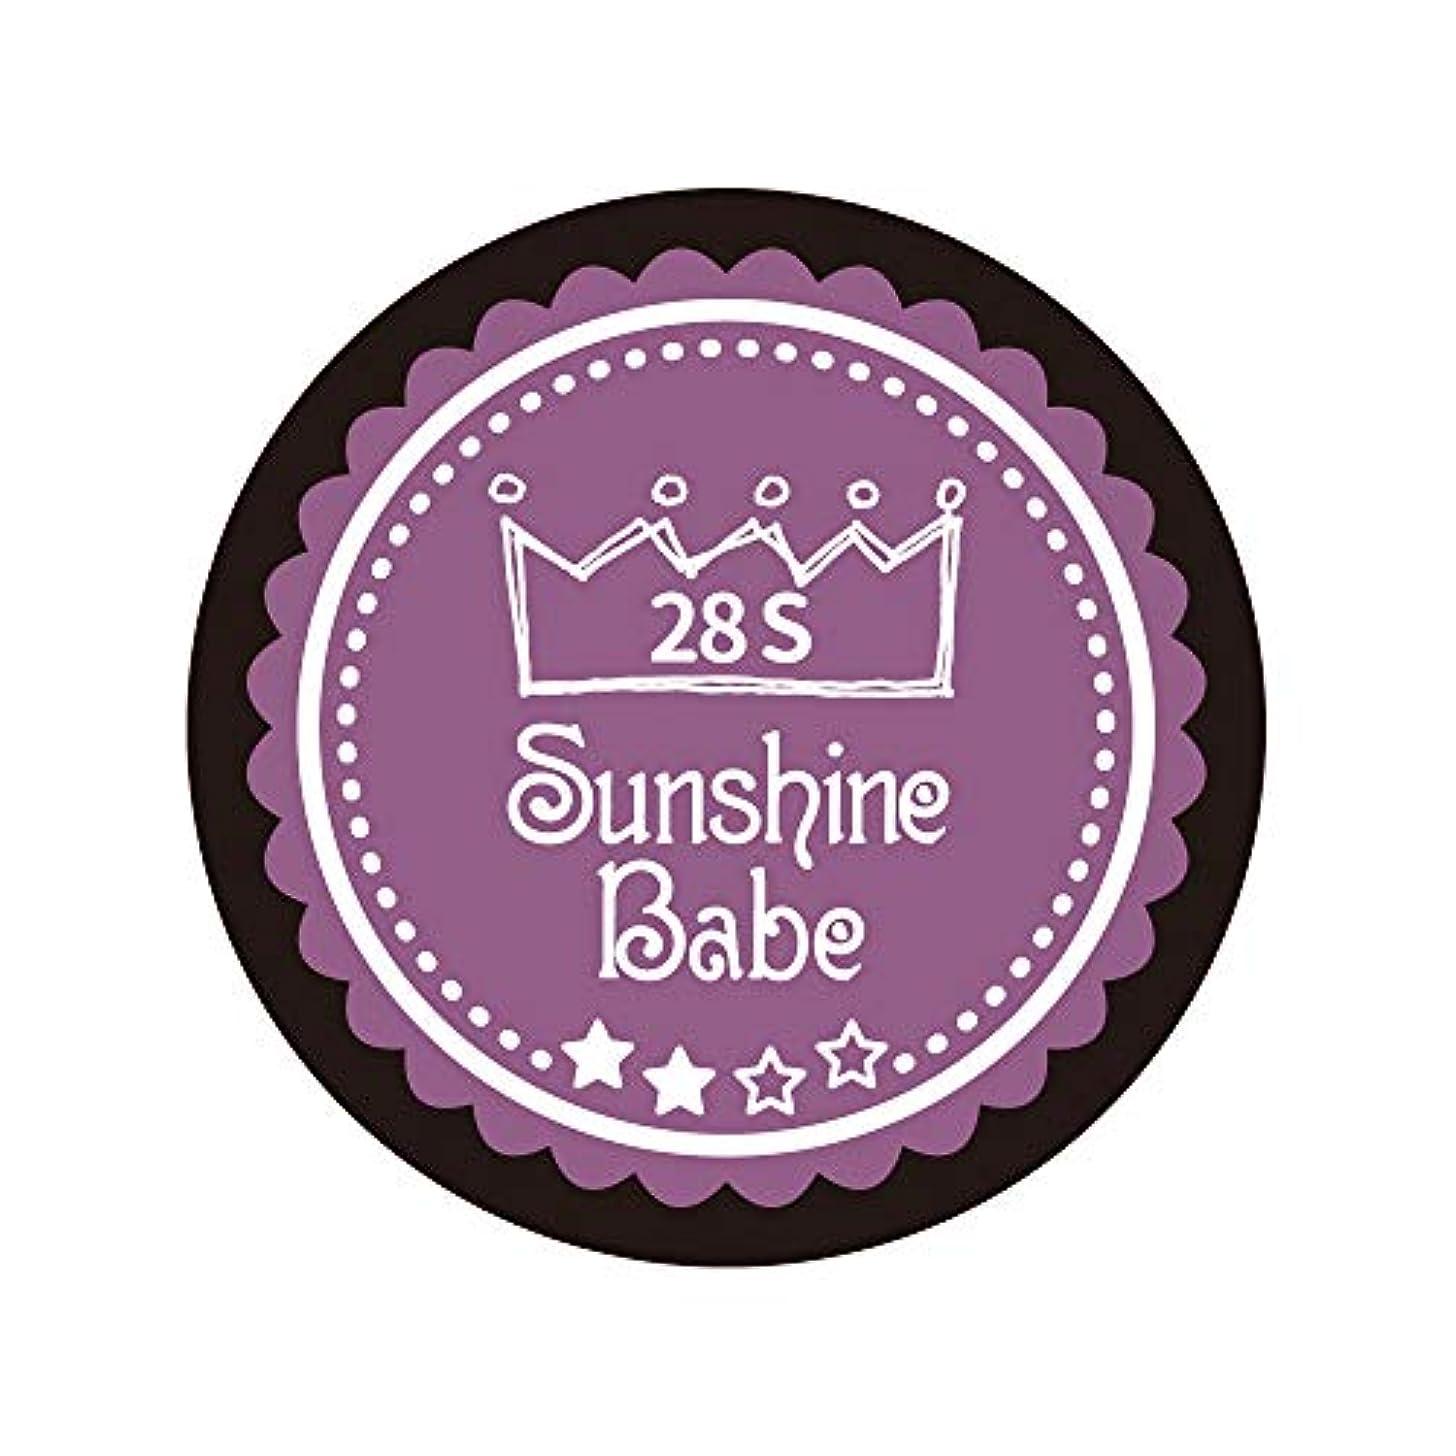 キュービック未使用マニフェストSunshine Babe カラージェル 28S パンジーパープル 2.7g UV/LED対応